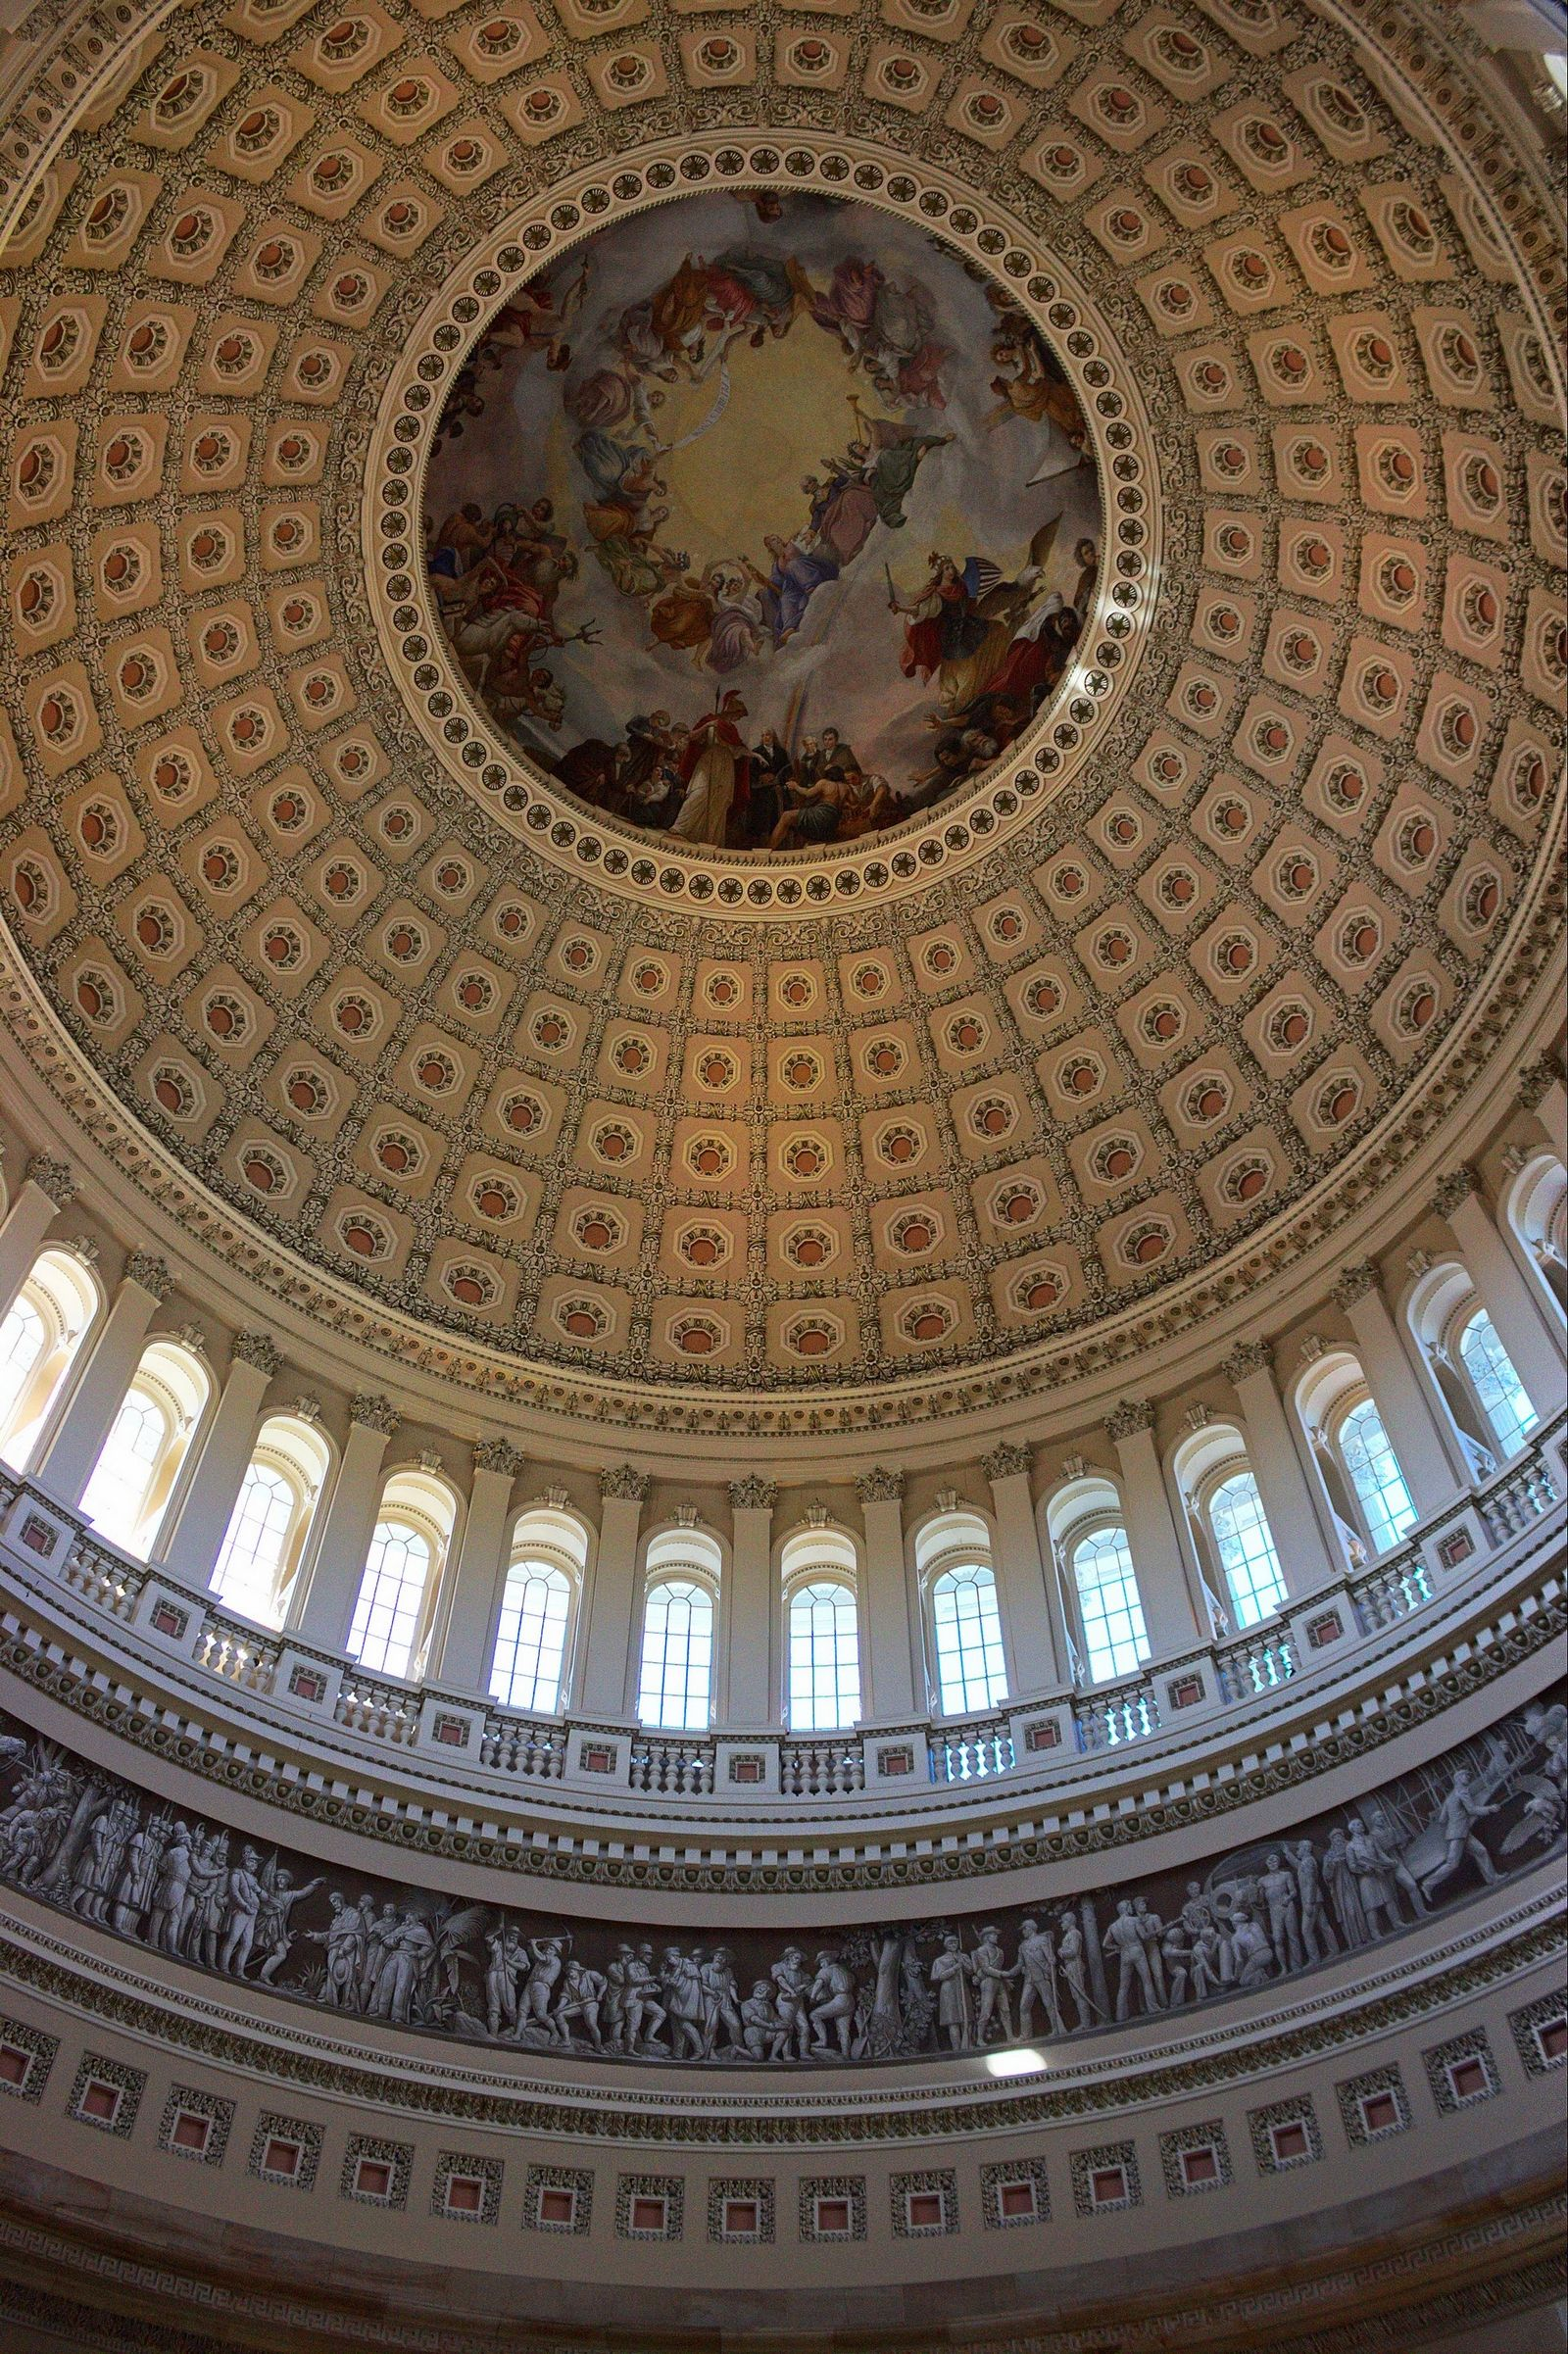 La joya de la corona: el interior de la cúpula